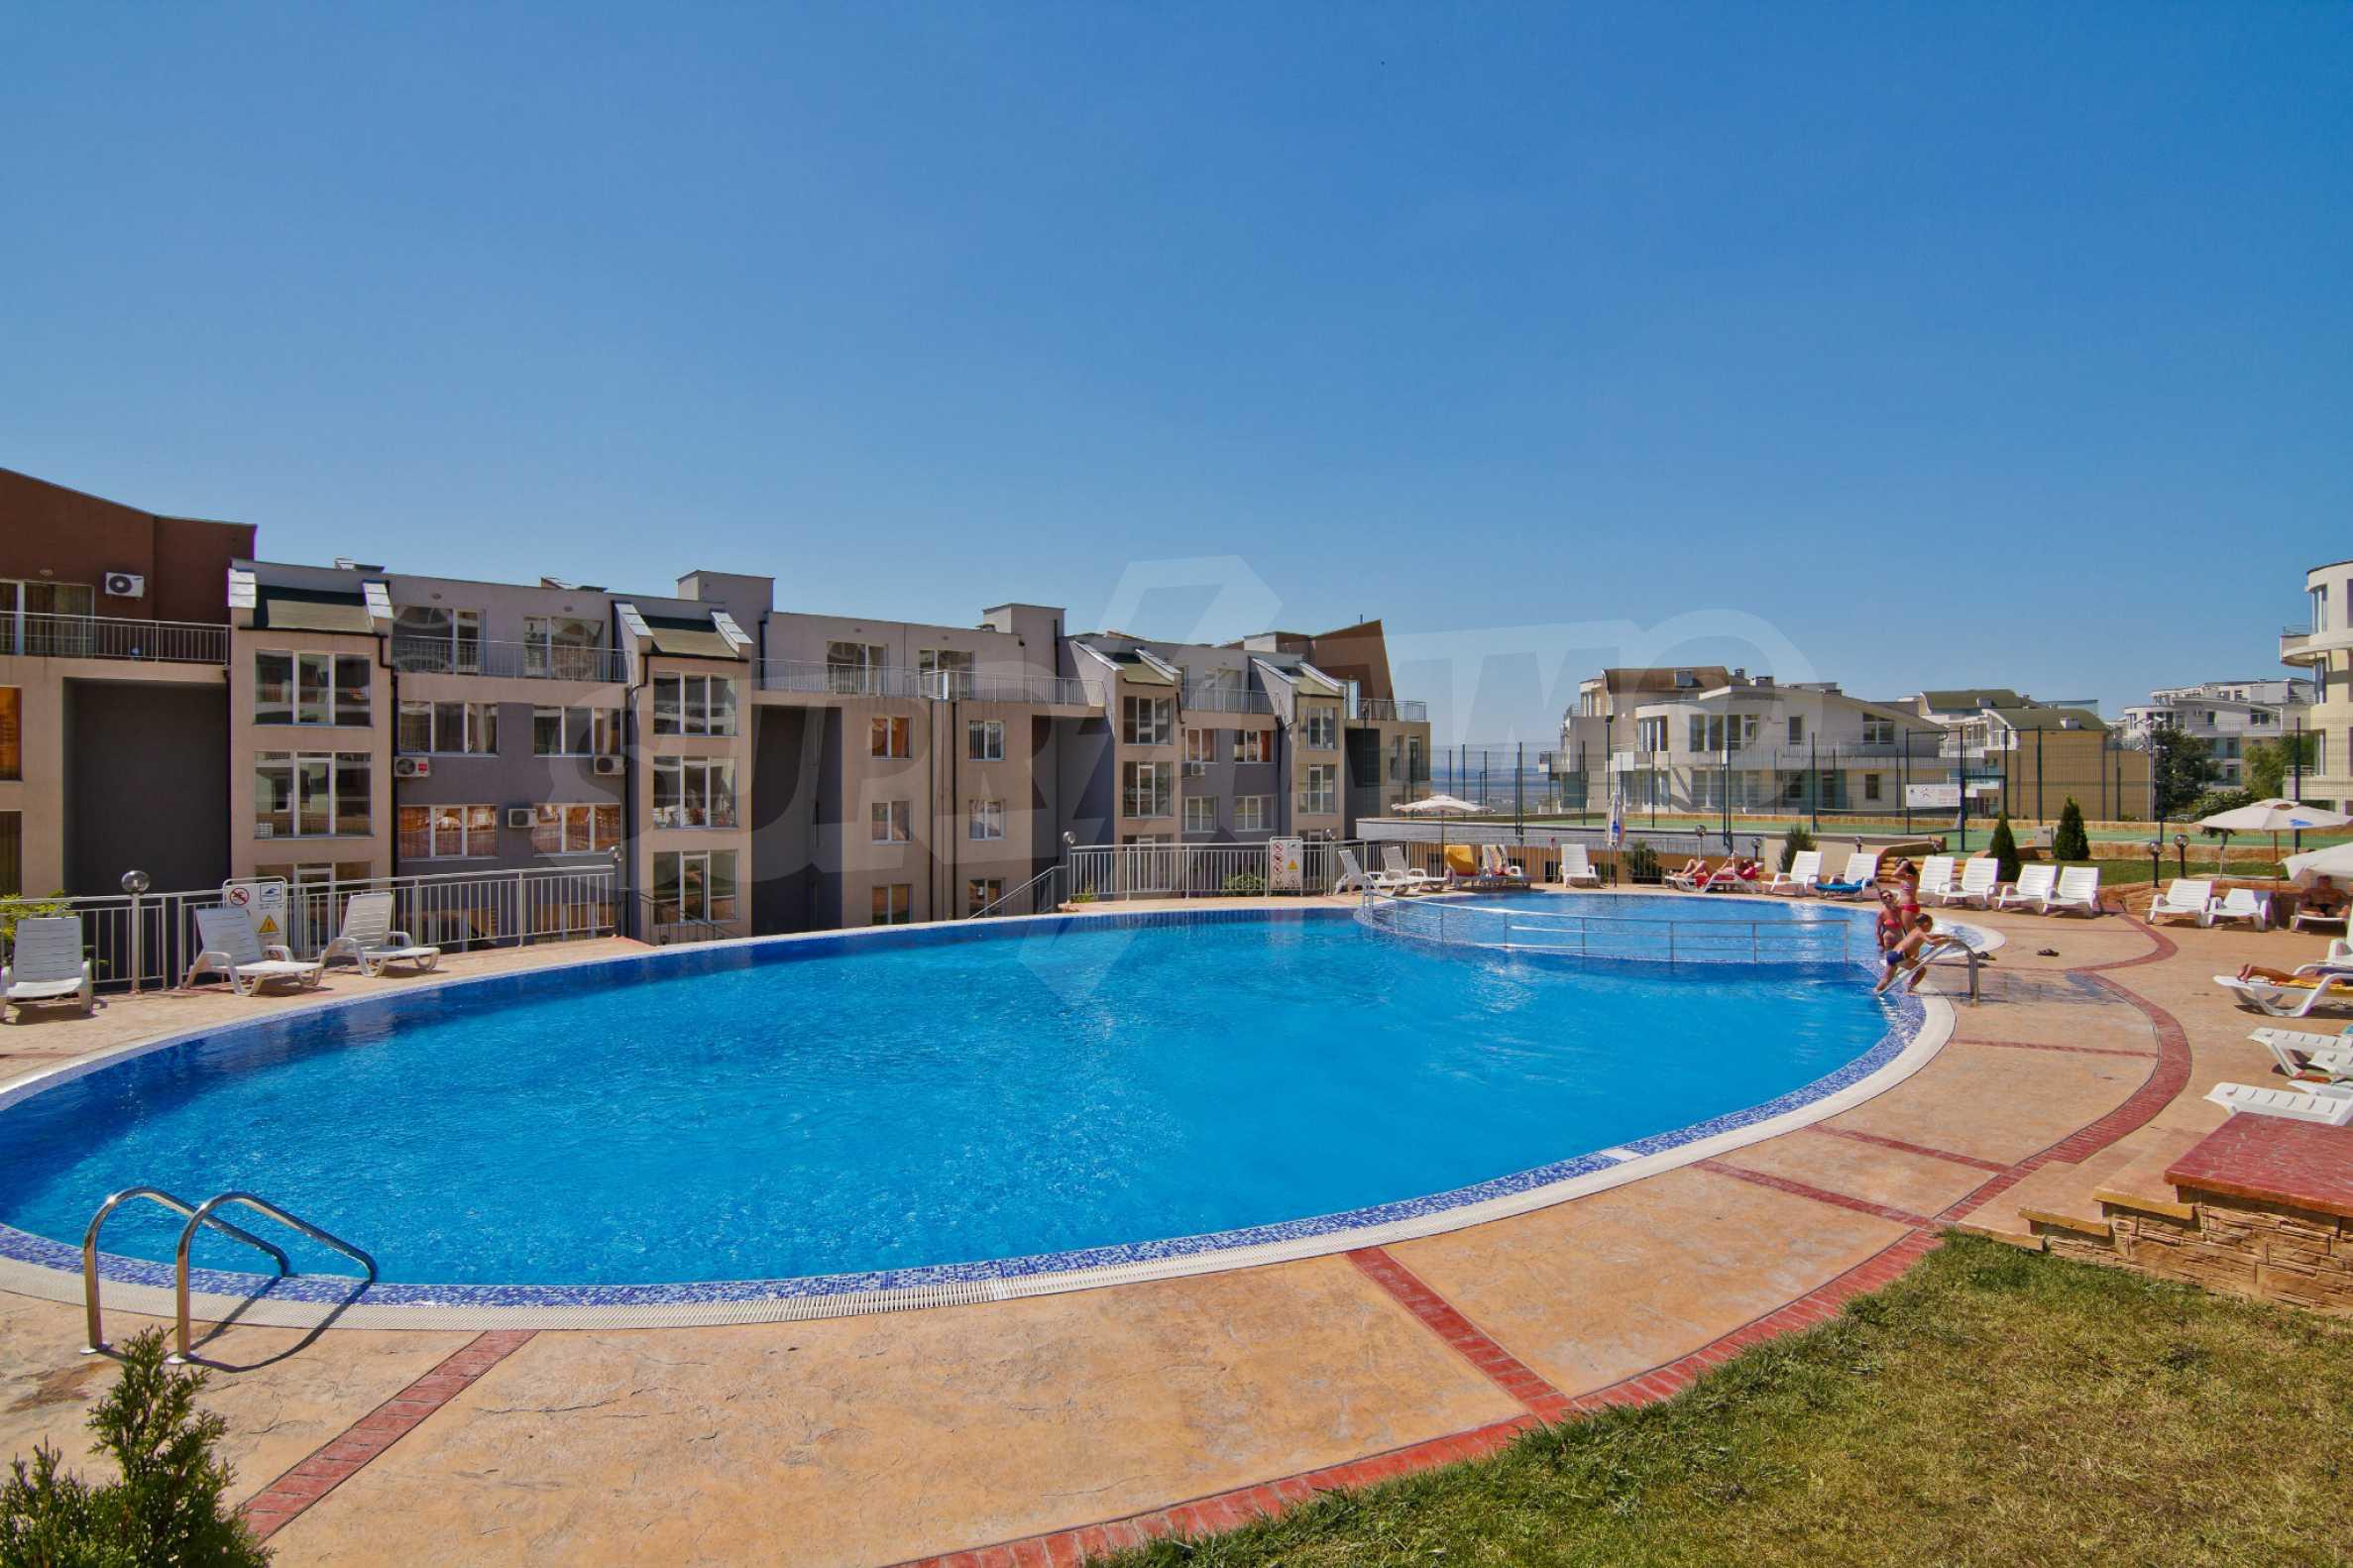 Sunset Kosharitsa - aпартаменти в атрактивен комплекс сред планината и морето, на 5 минути с кола от Слънчев бряг 12